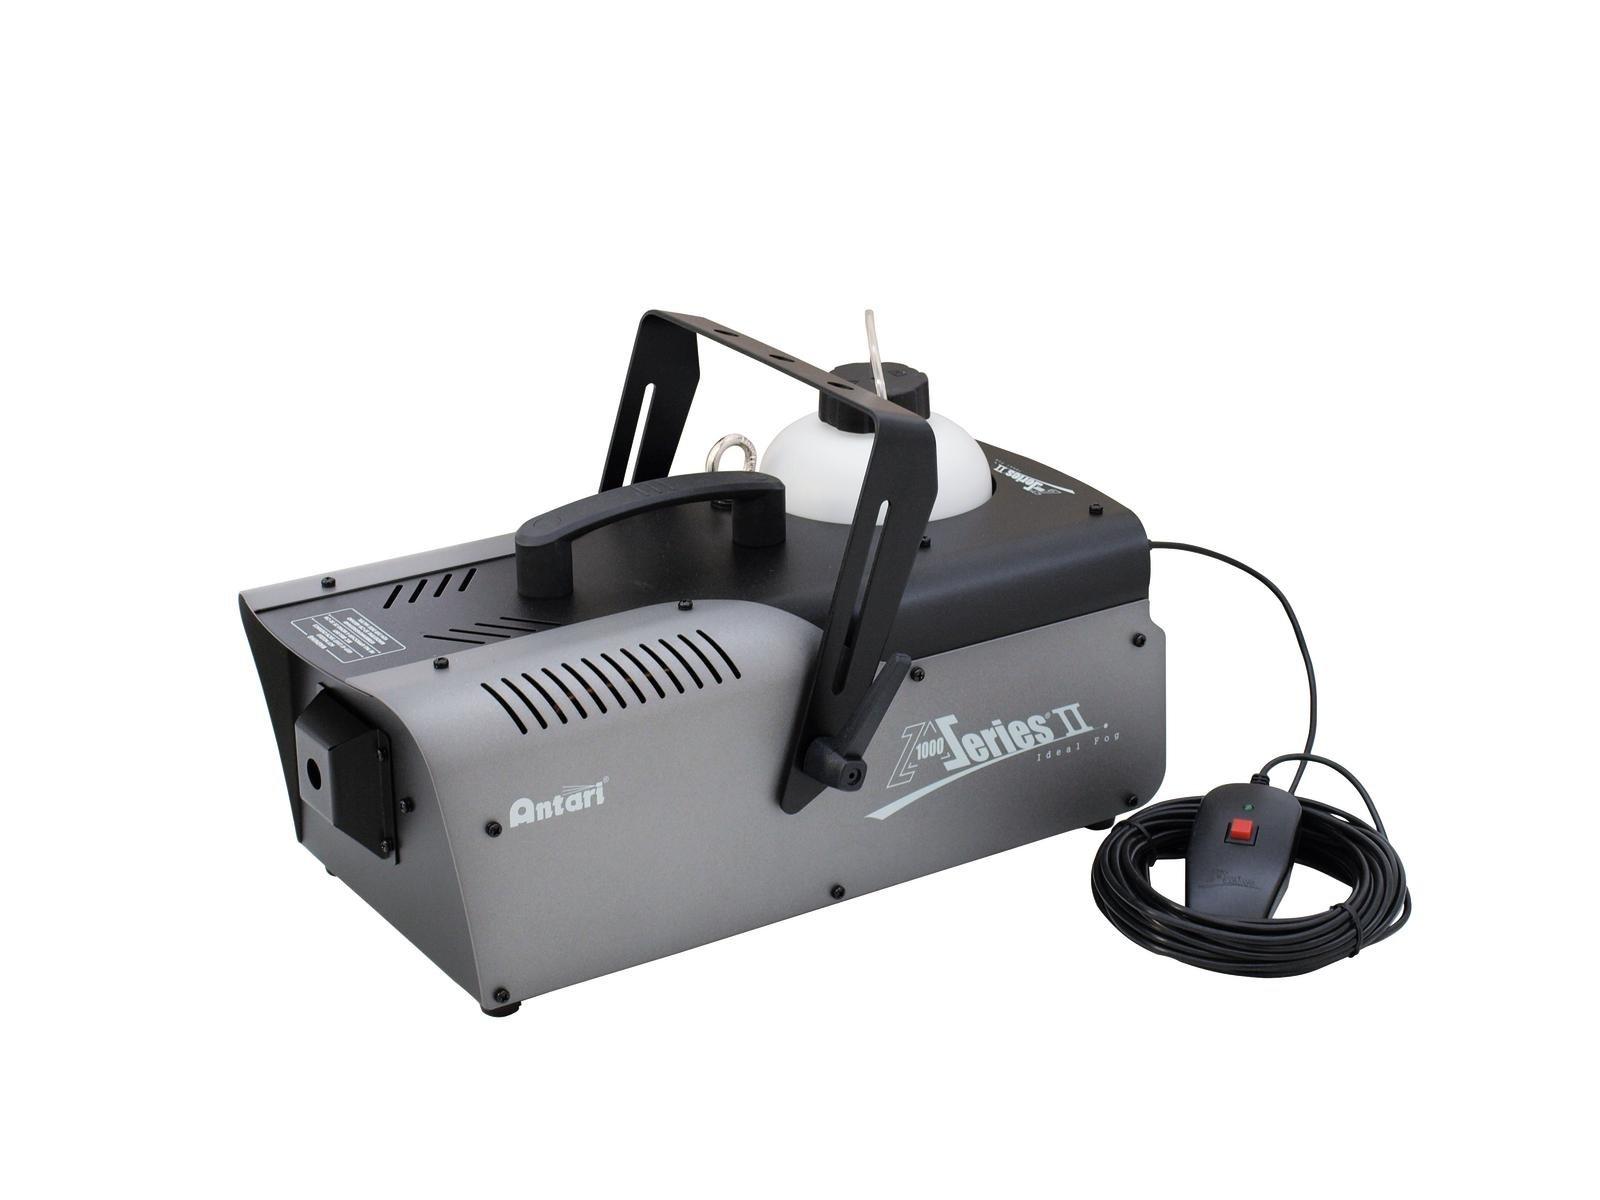 ANTARI Nebelmaschine Z-1000II mit Z-10 Controller